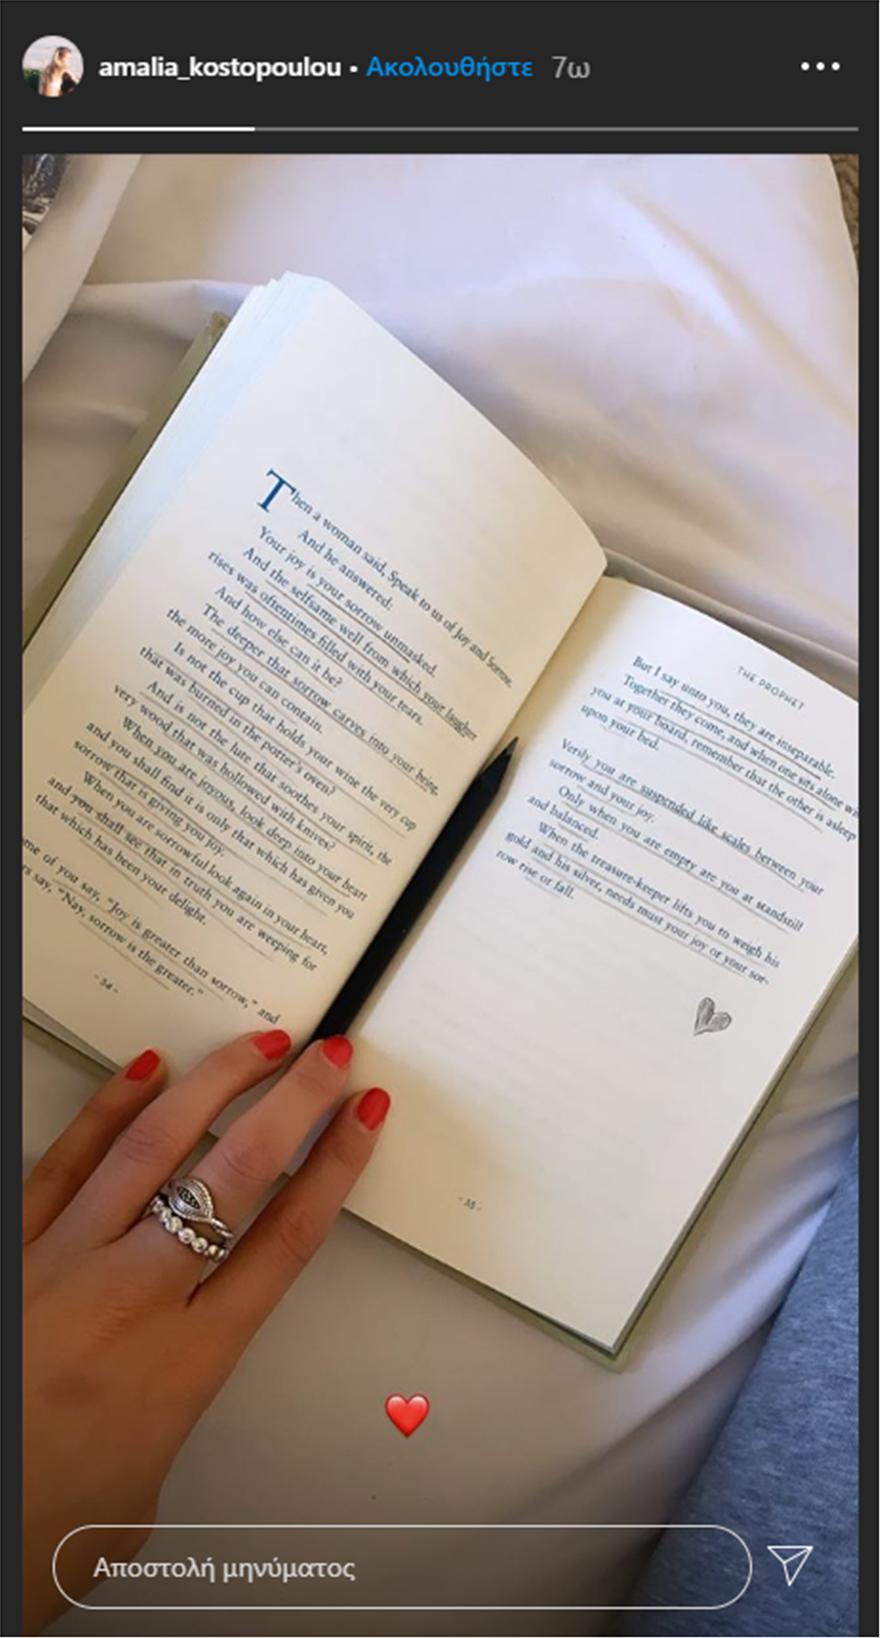 Amalia_Kostopoulou-Reading_Book